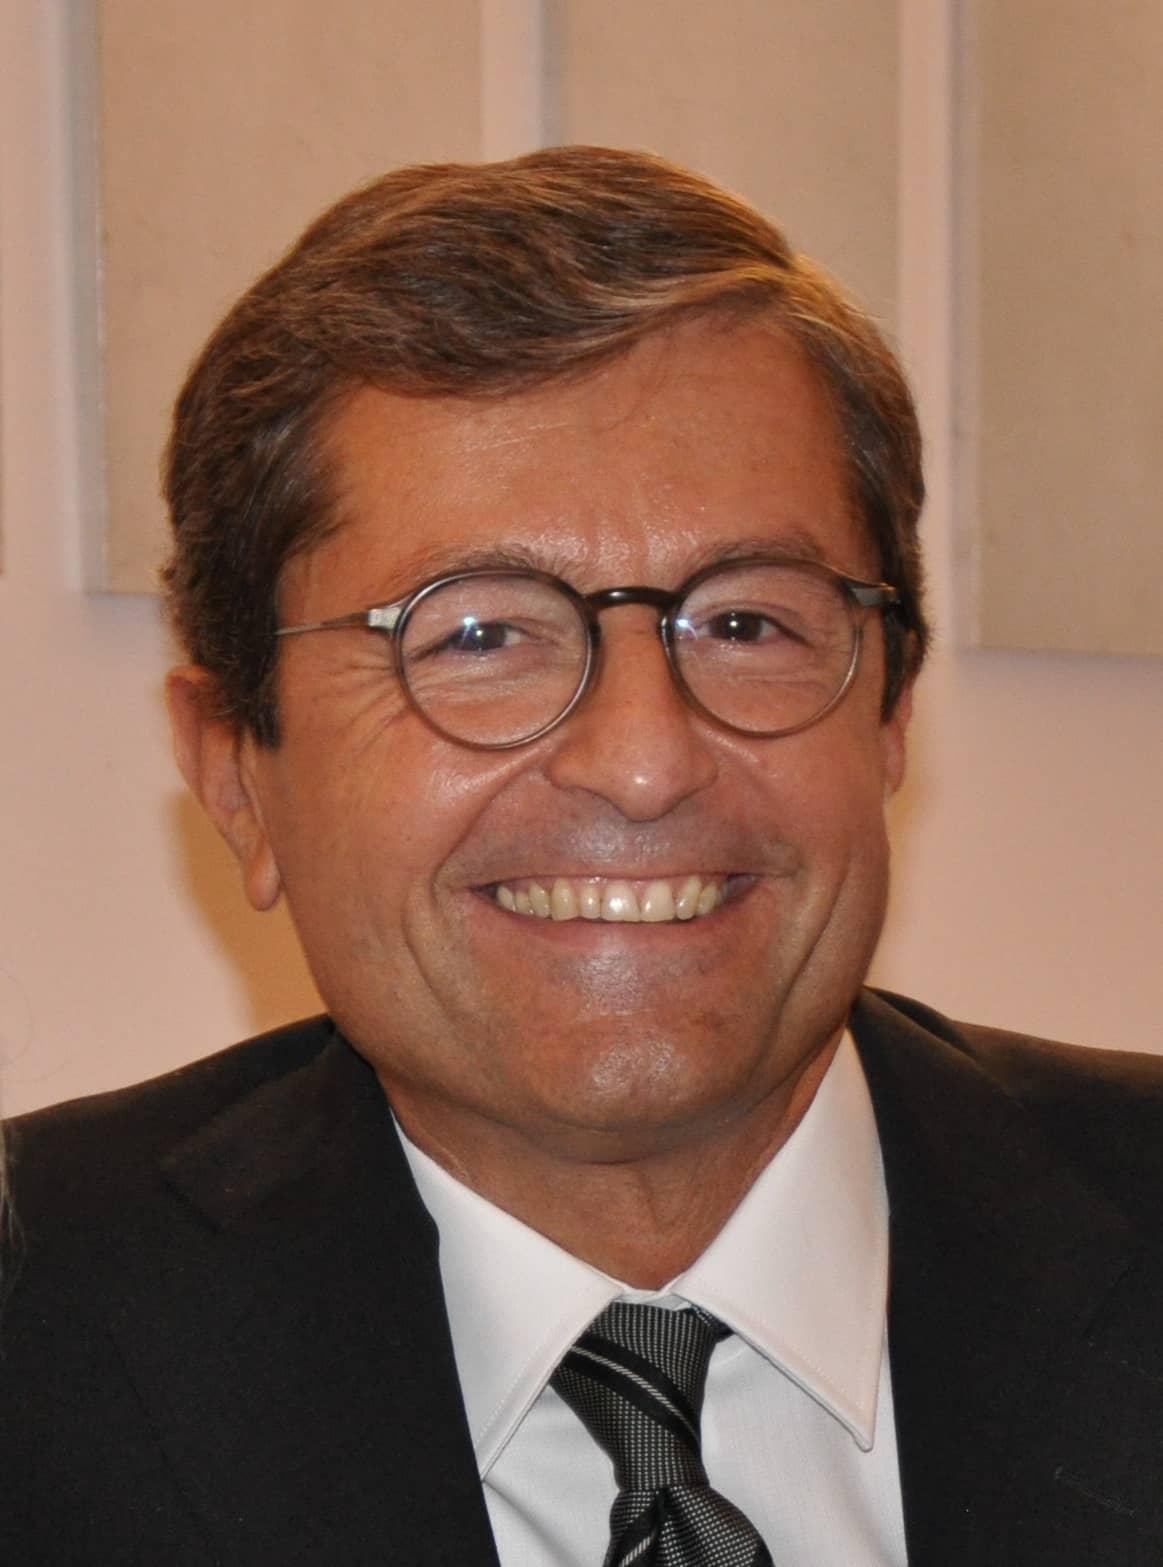 Andrea Cornelli, Amministratore Unico di Cornelli